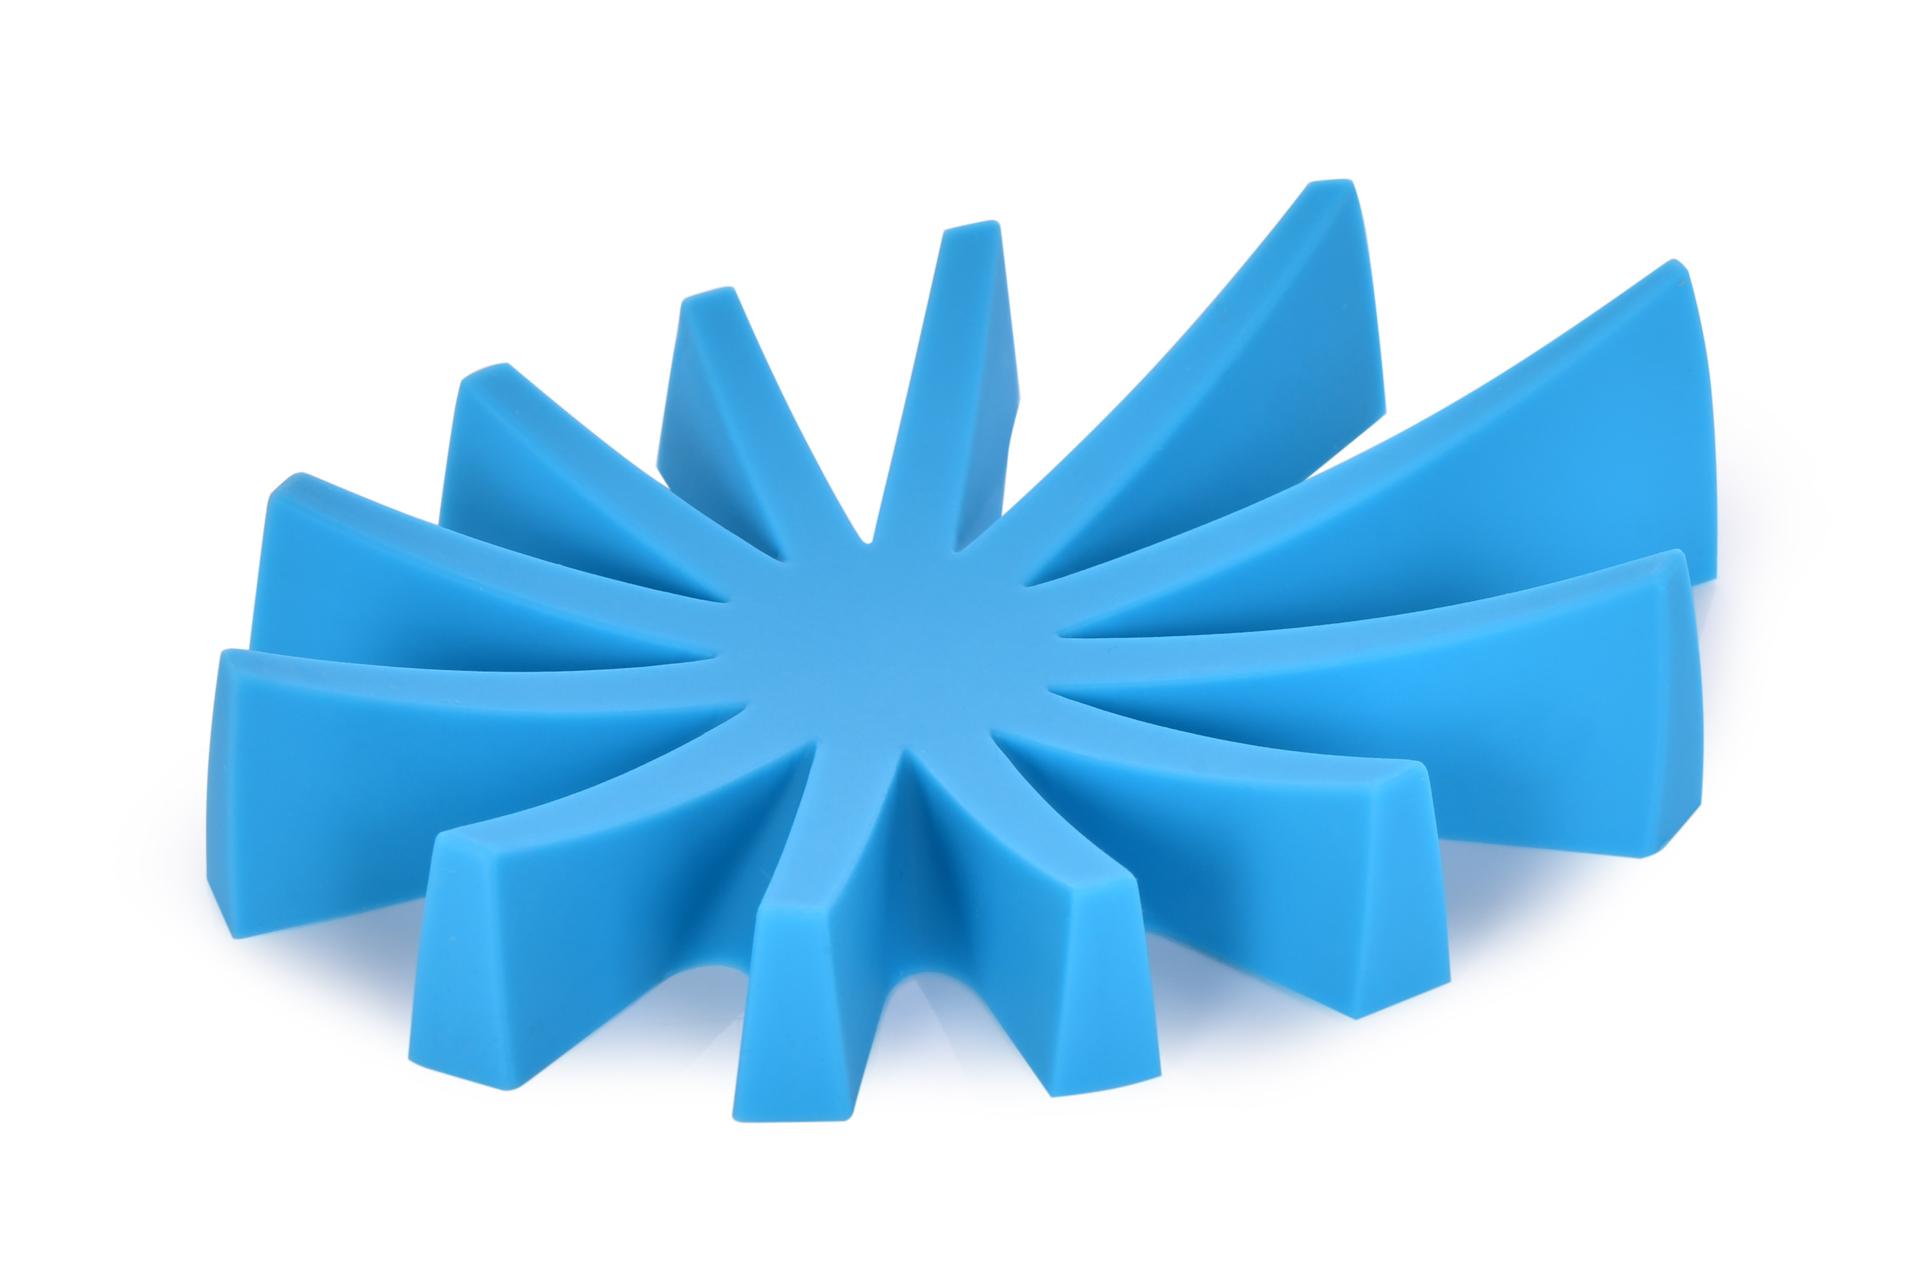 Mýdlovník tyrkysový stojan na tuhá mýdla silikon